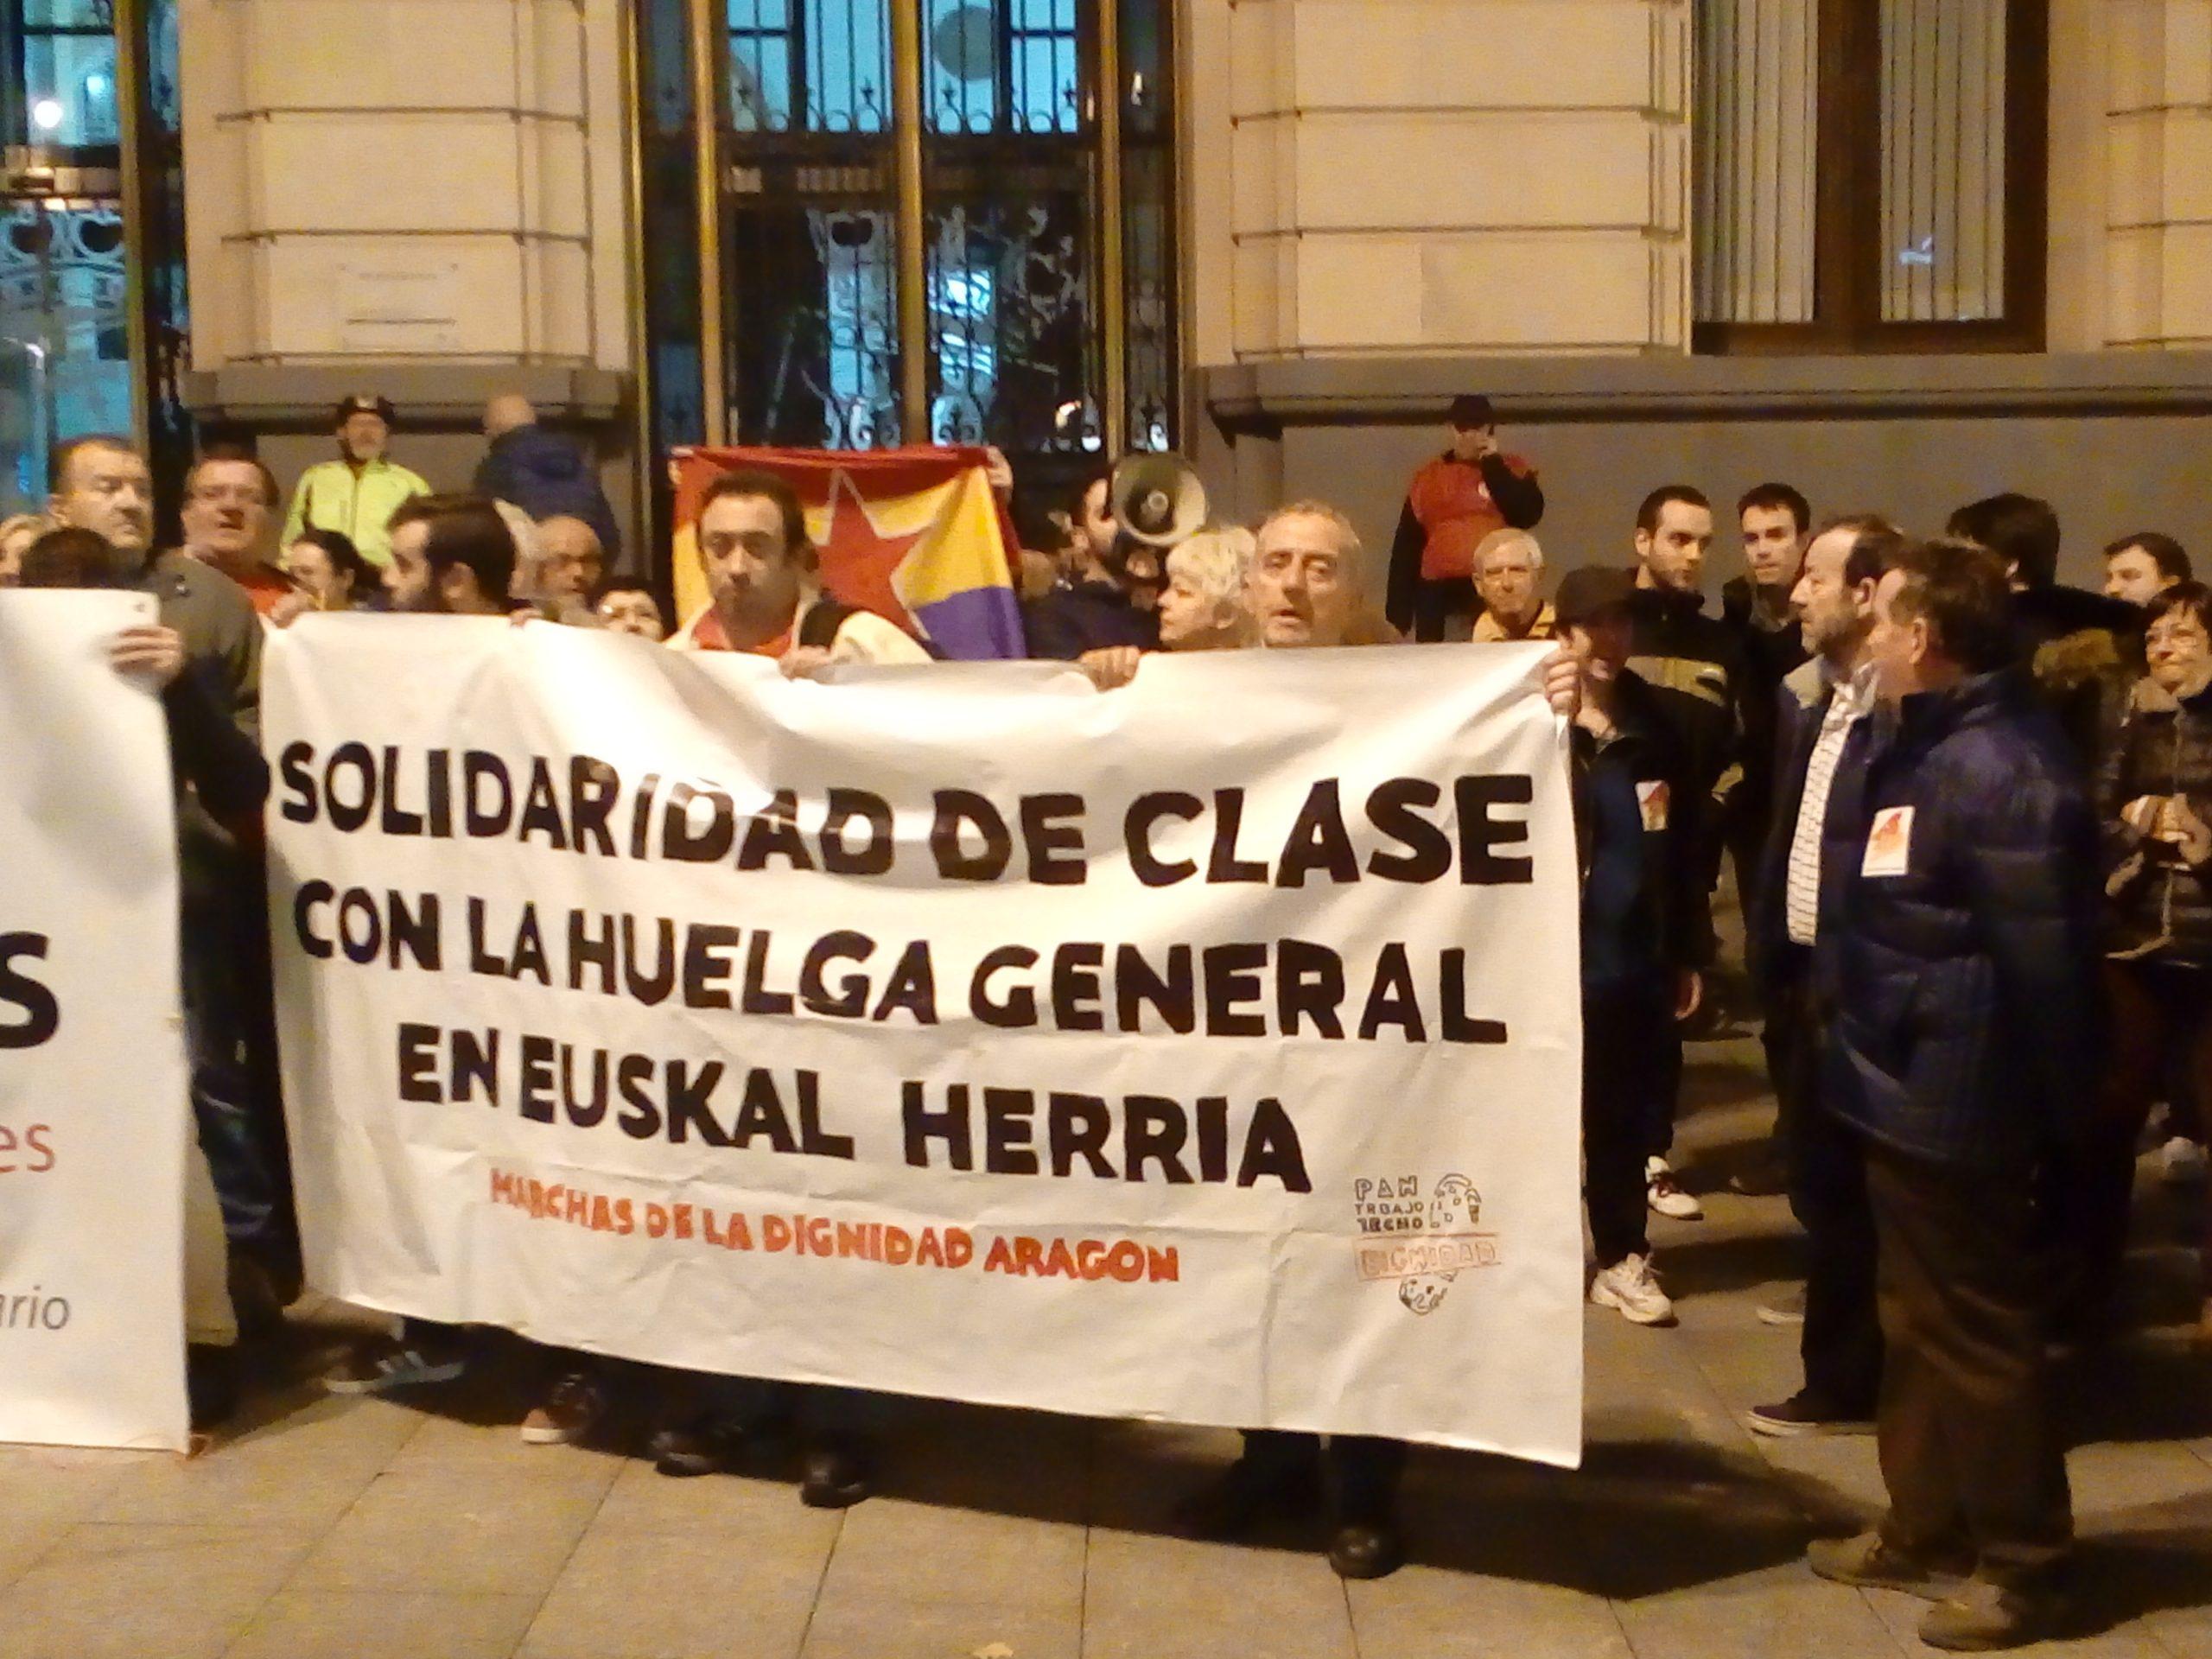 Zaragoza. 30E, videos y fotos. Solidaridad de clase con la Huelga General en Euskal Herria